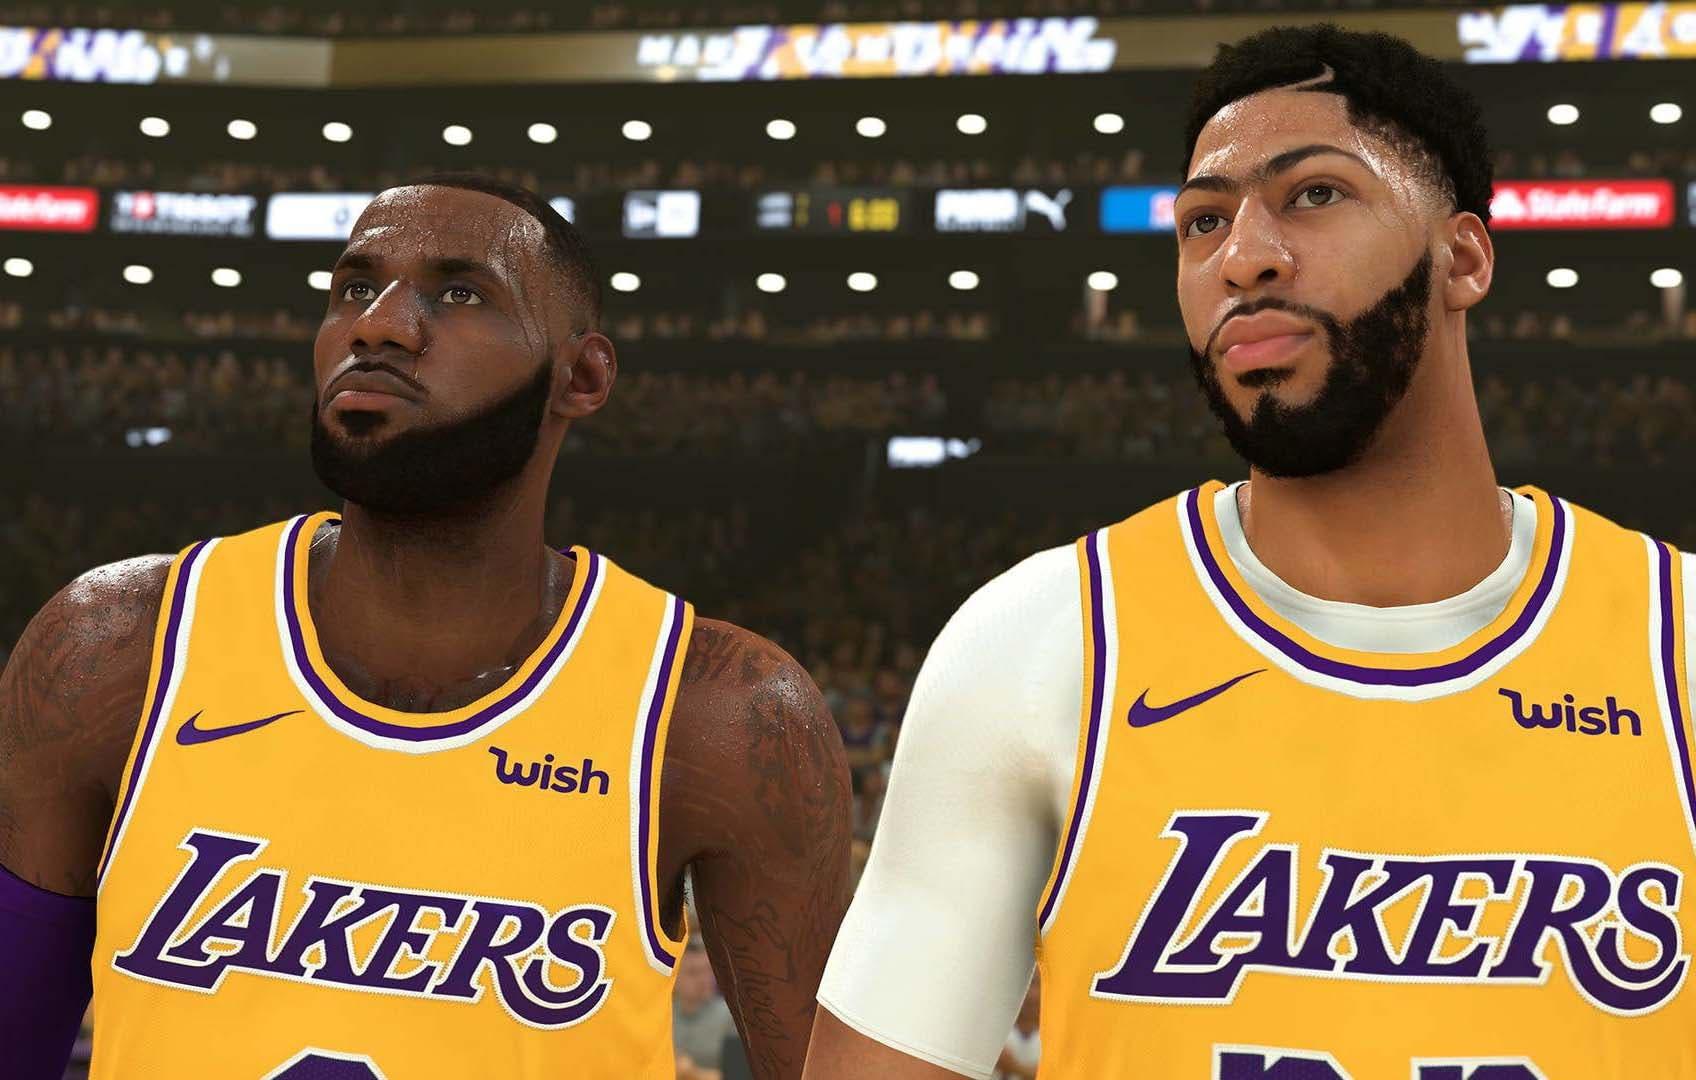 Análisis de NBA 2K20 - Xbox One 4